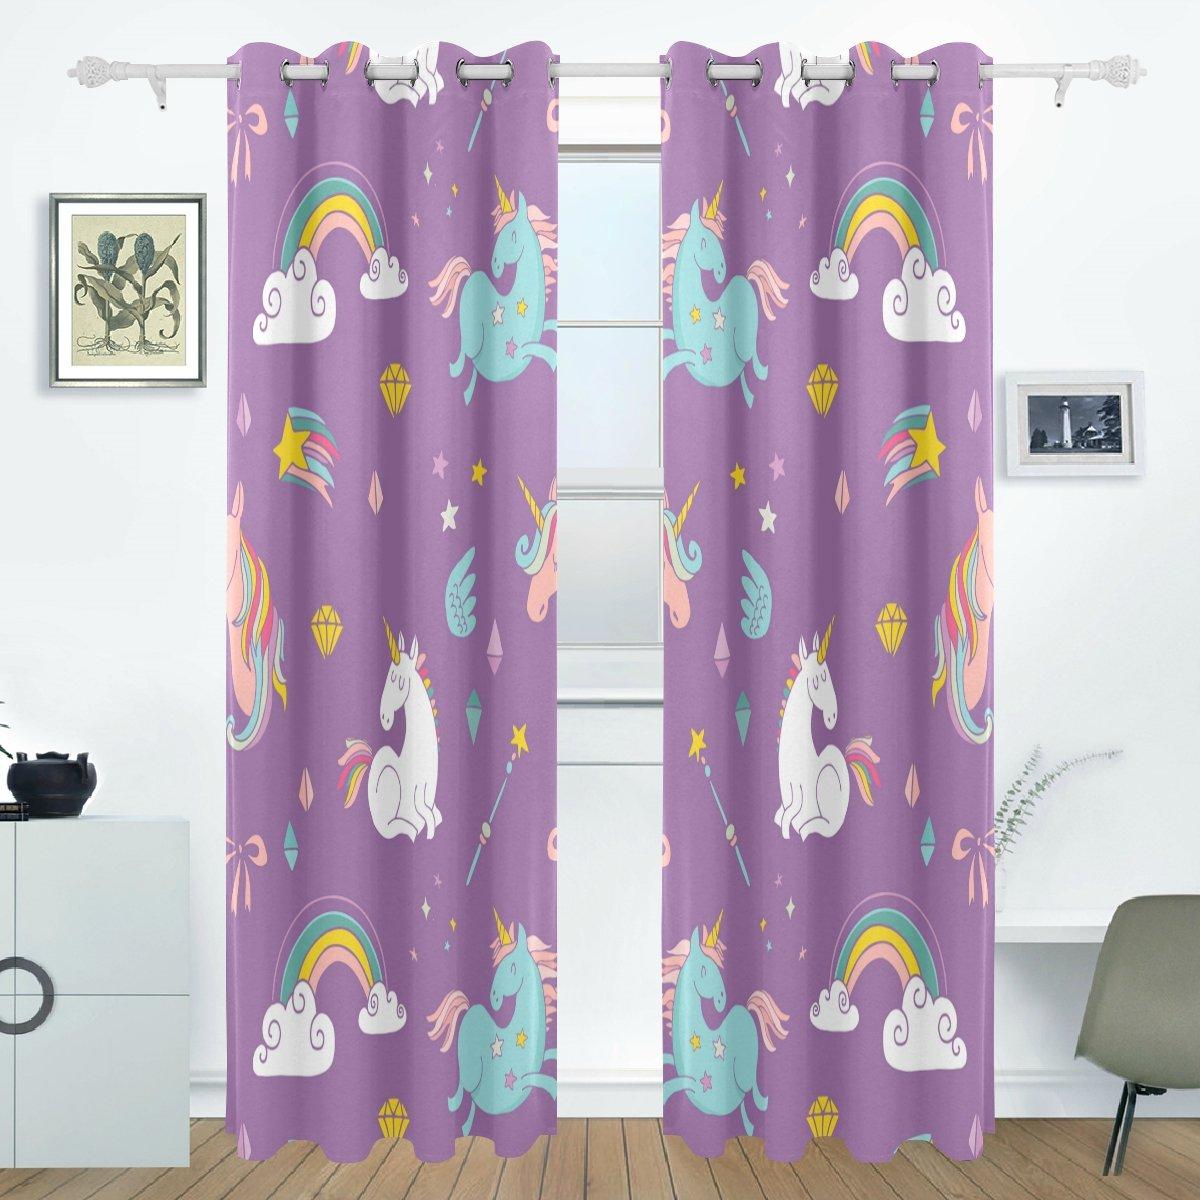 BENNIGIRY Einhorn Verdunklungsvorhänge Abdunkelung isoliert Polyester Tülle Top Rollo Vorhang für Schlafzimmer, Wohnzimmer, 2 Panel (55 W X 84L Zoll)